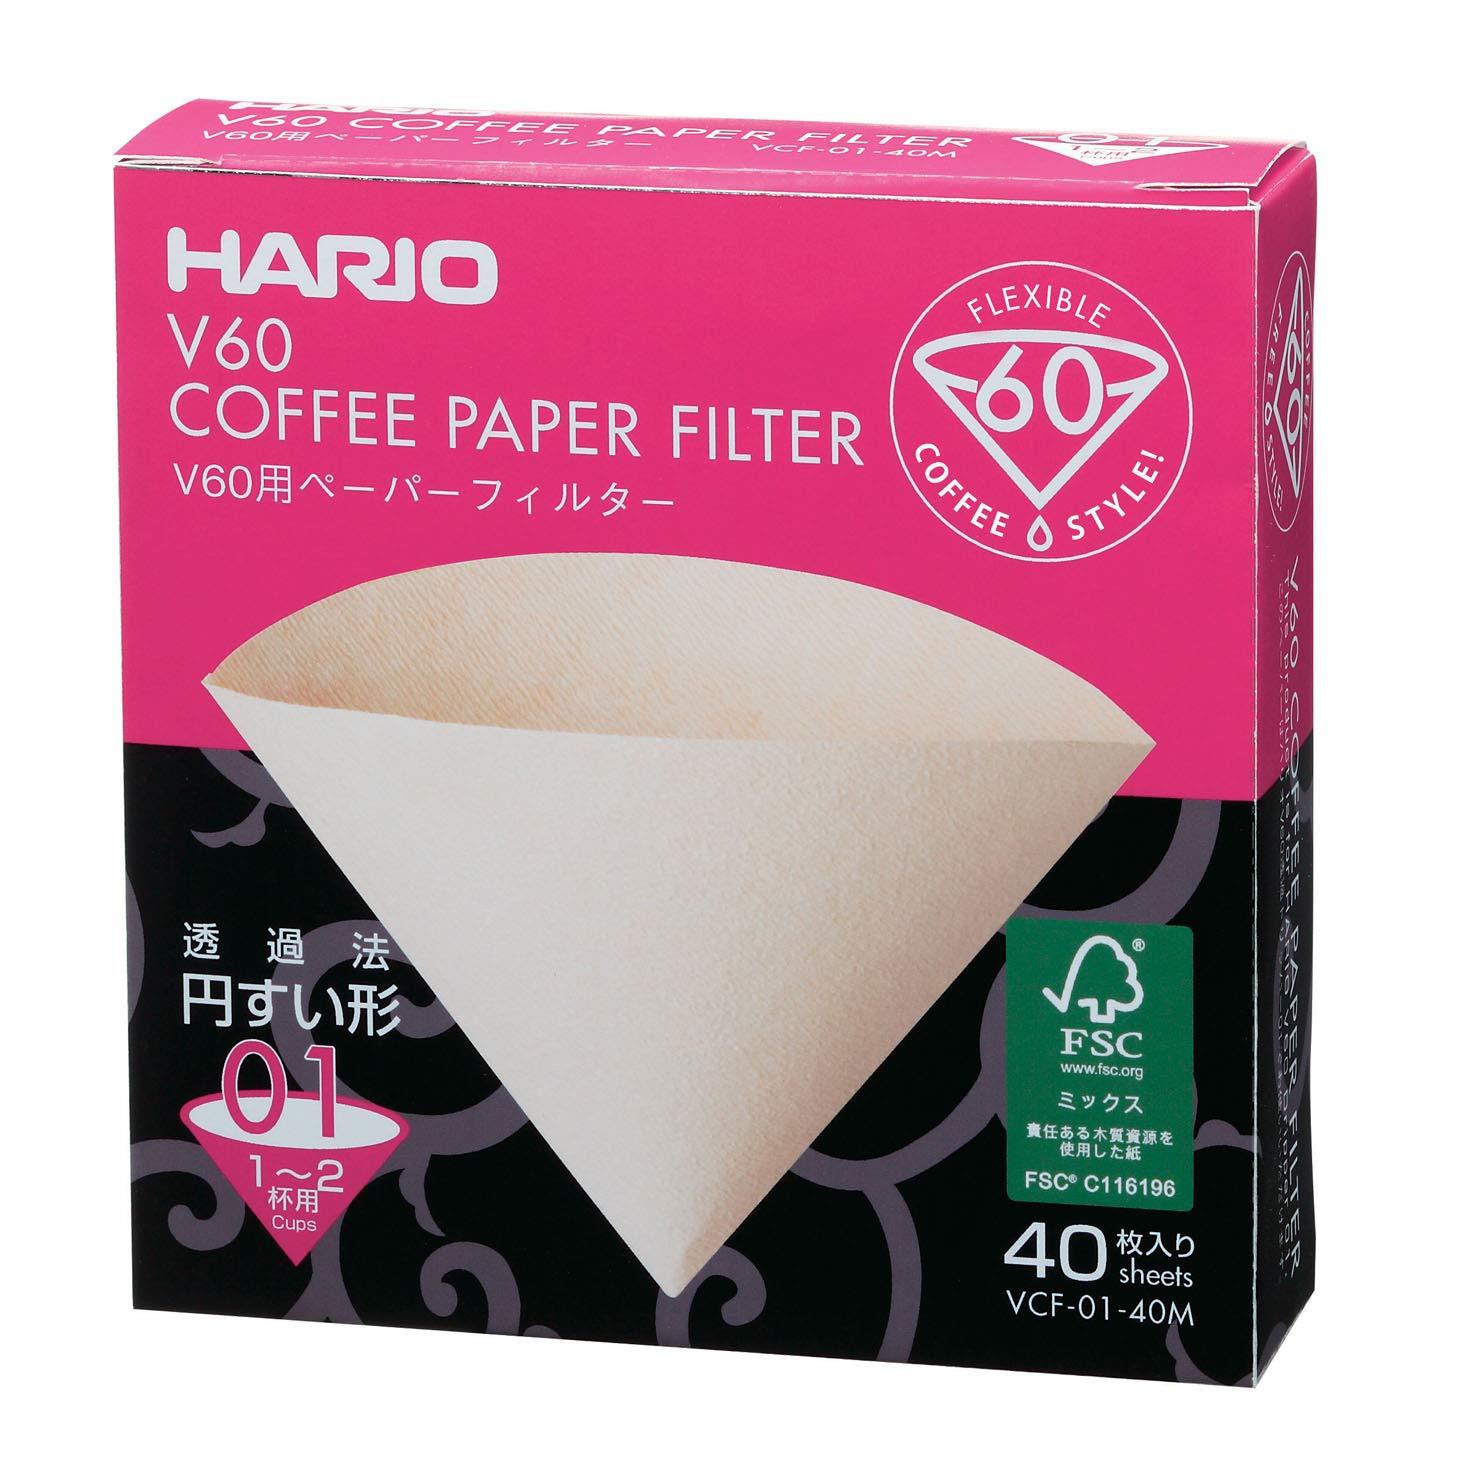 Giấy lọc Hario V60 - 1 cup - Mã VCF-01-40M